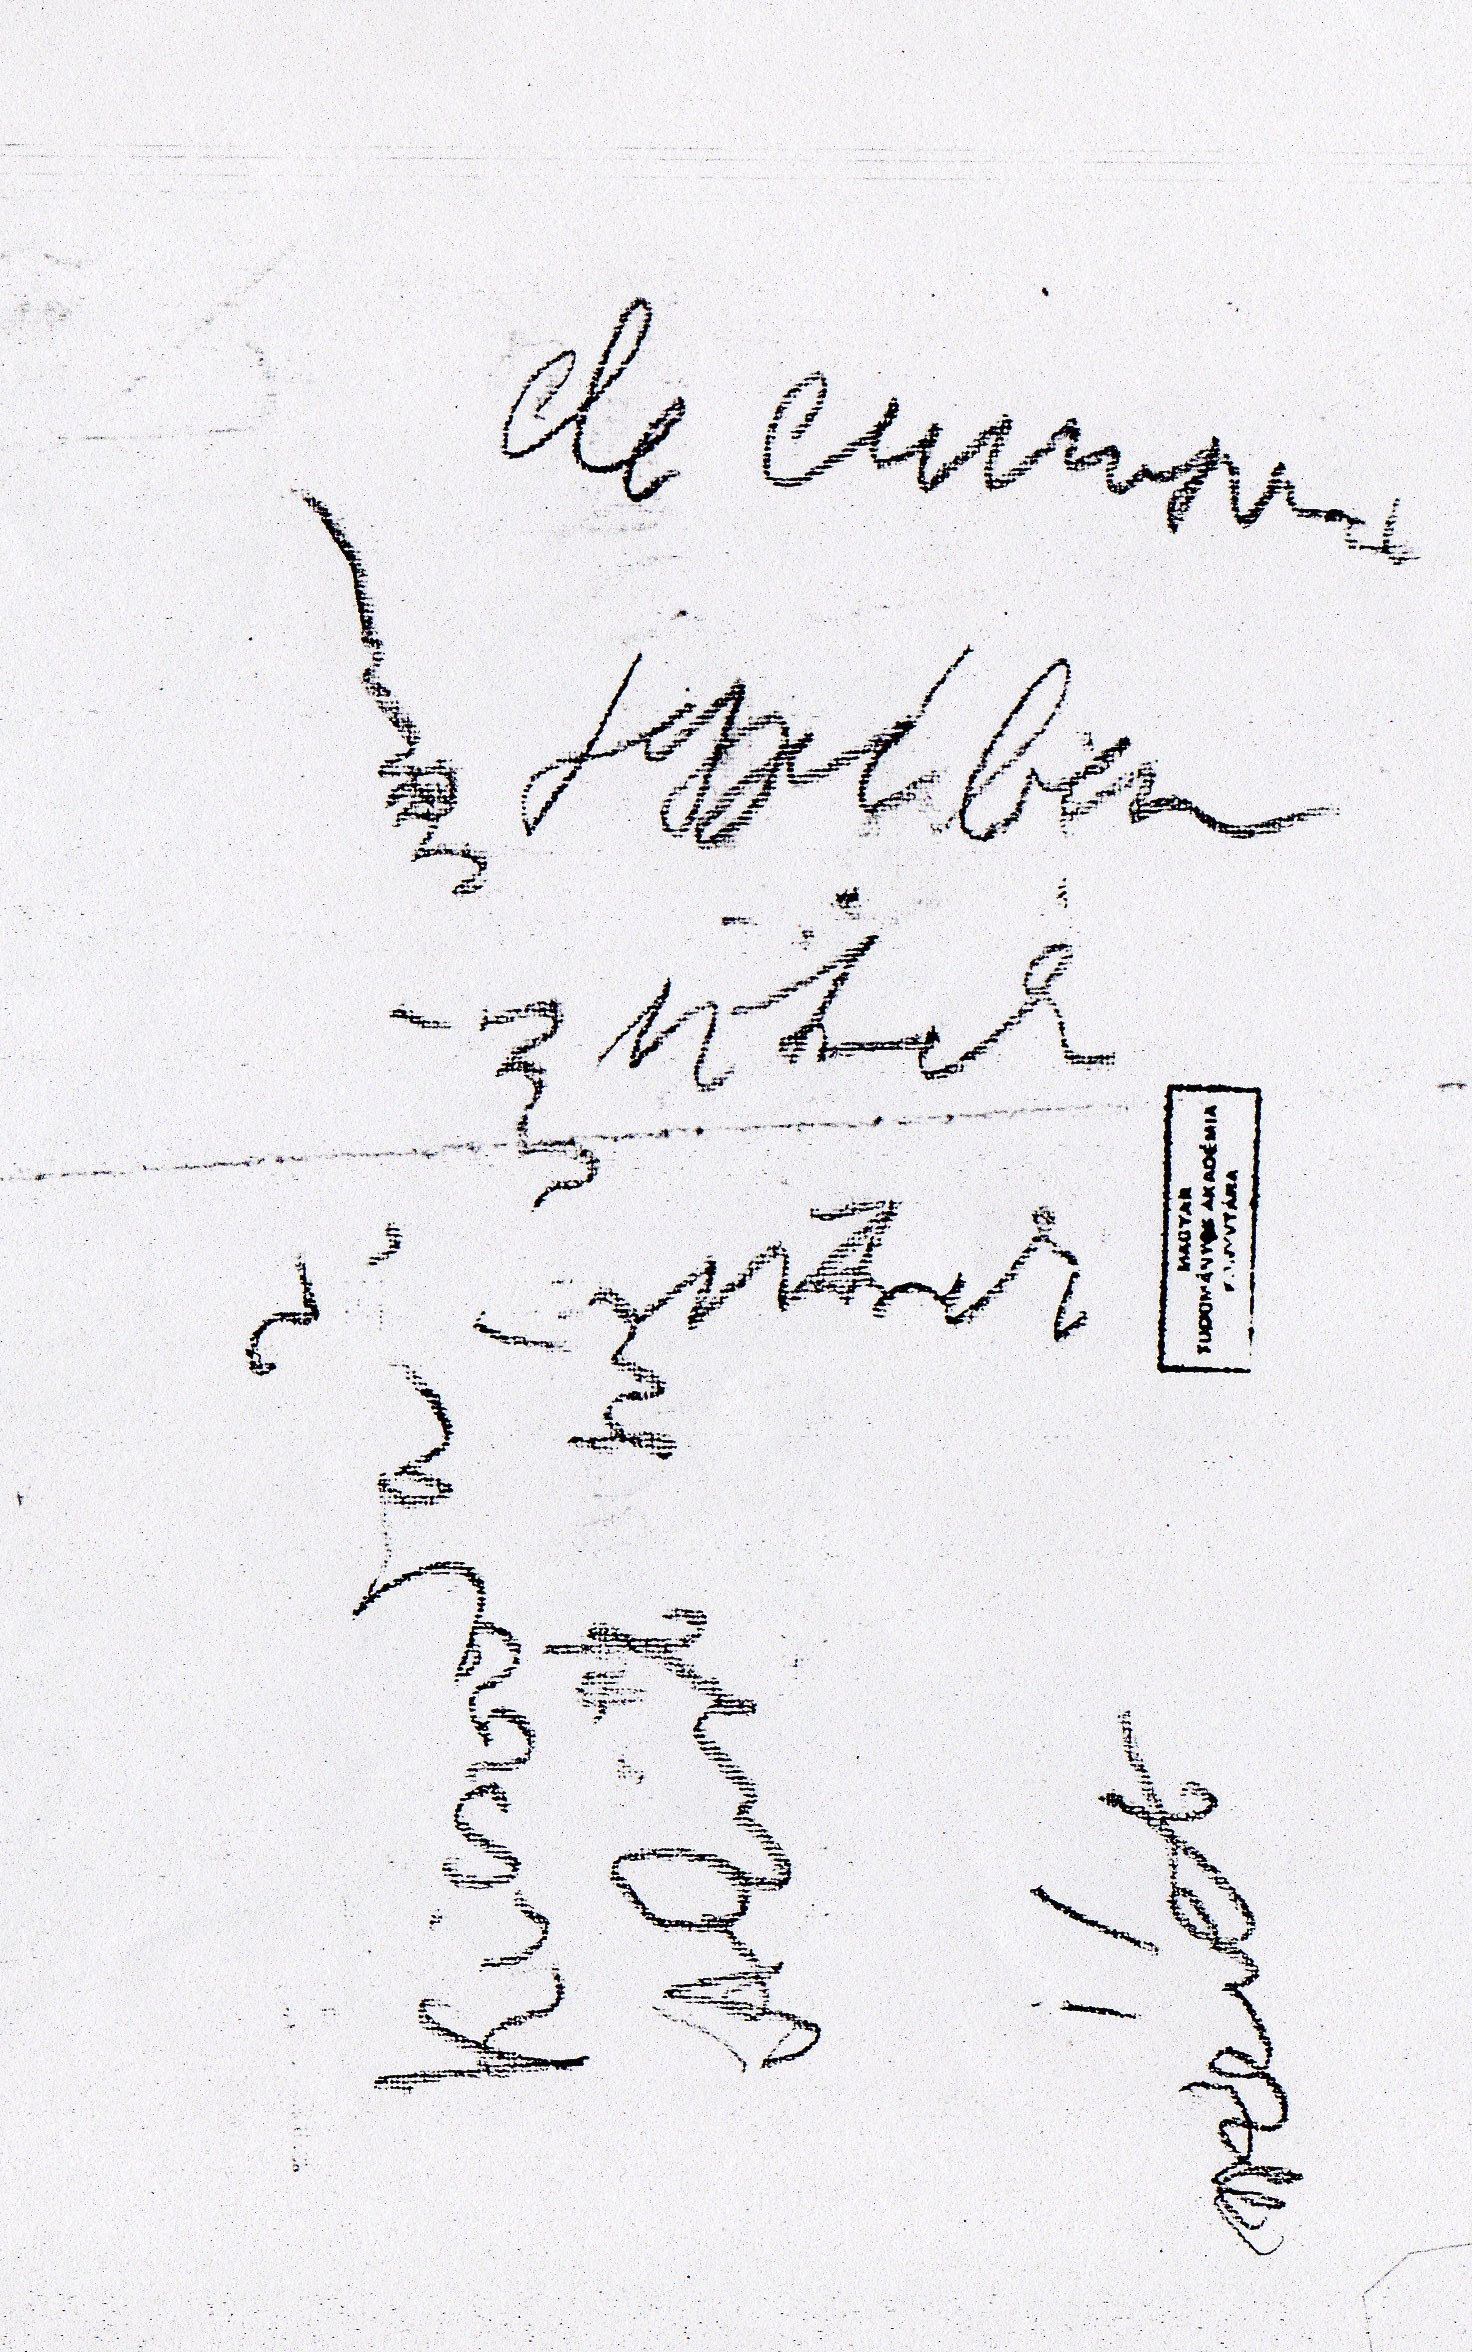 Megindultak a Kosztolányi Dezső kritikai kiadás munkálatai, Szegedy-Maszák Mihály és Veres András vezeté